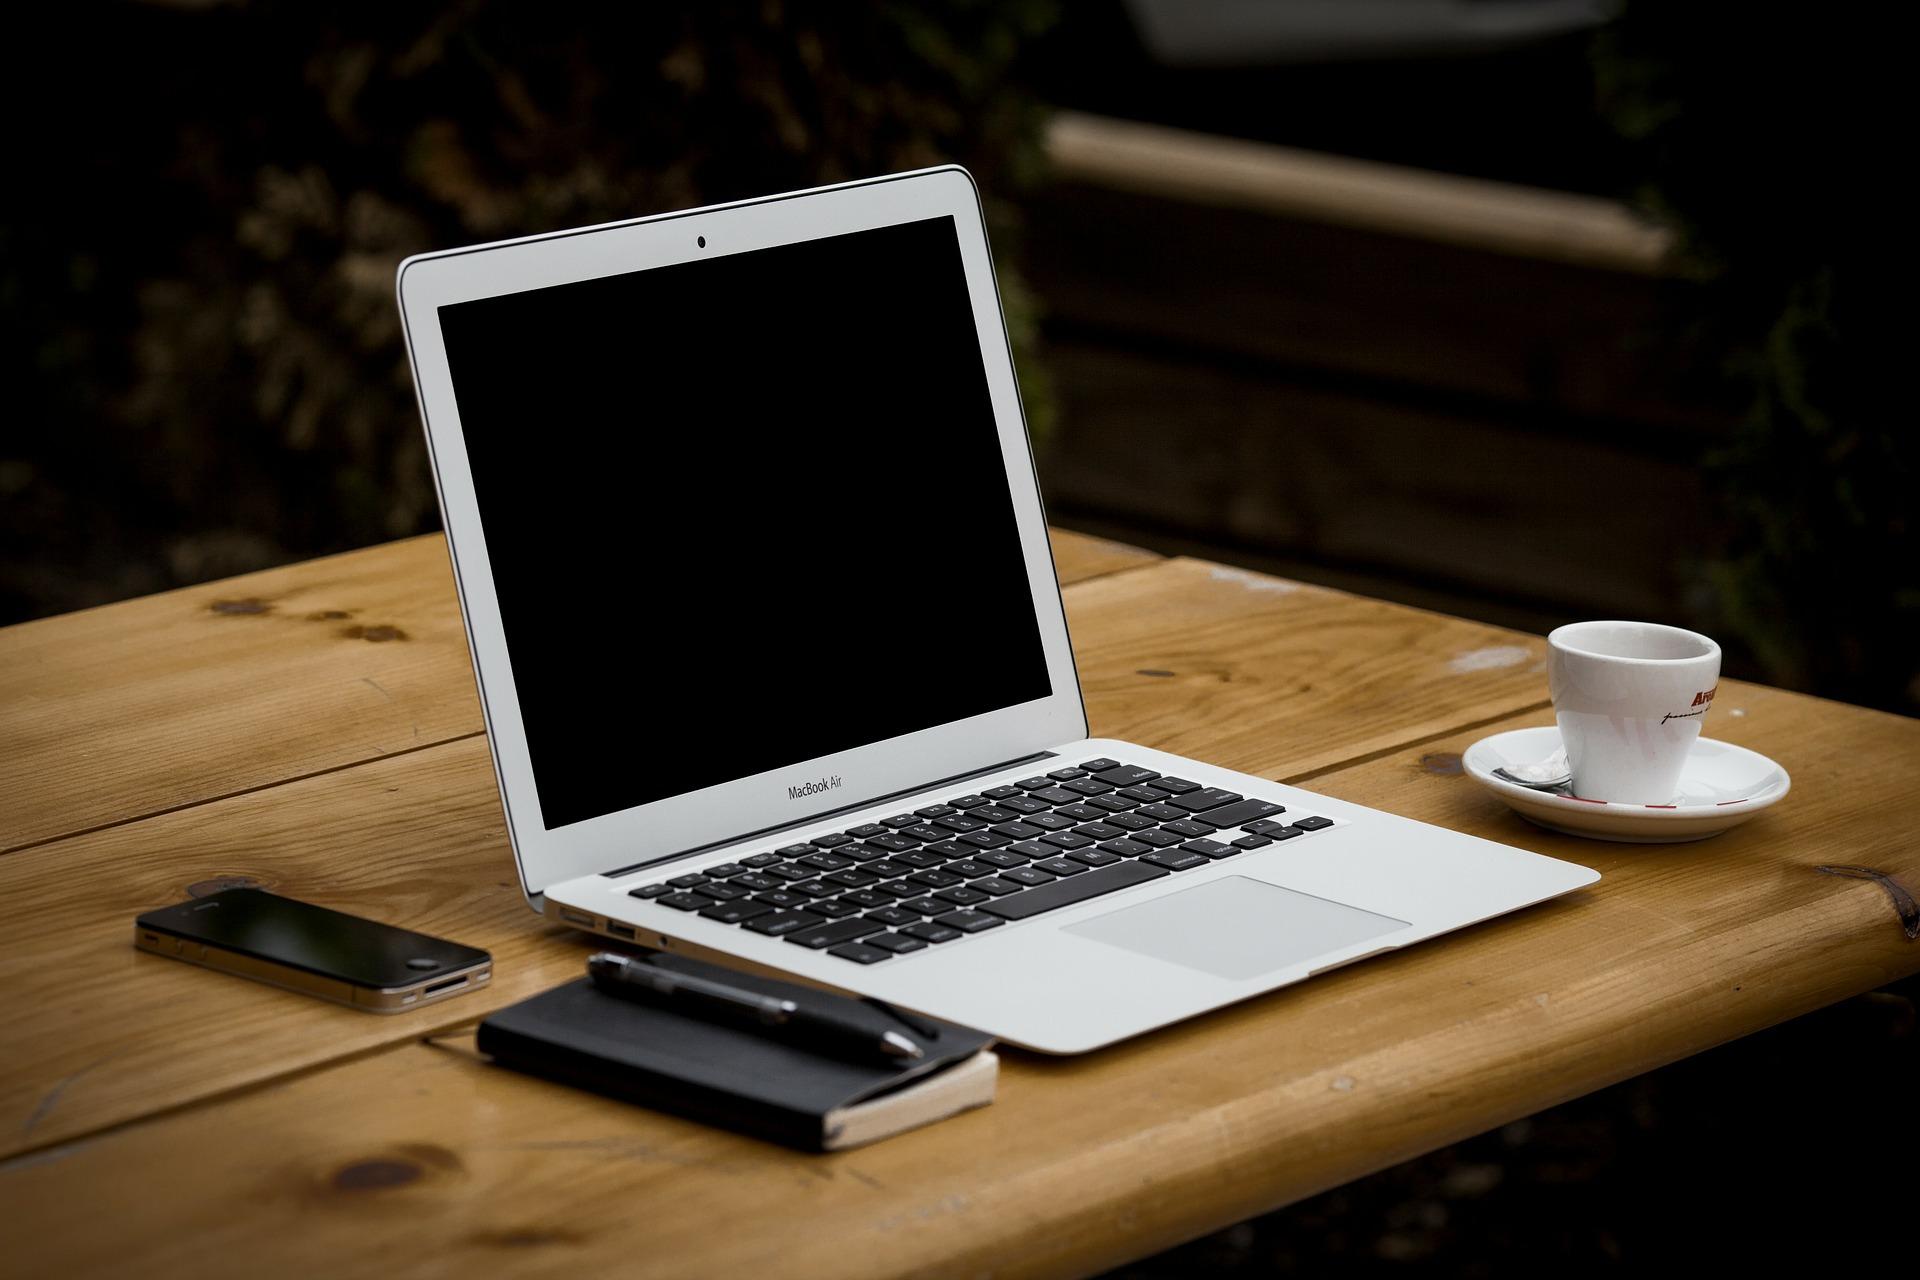 Neue Dienstleistung im Bereich Home-Office